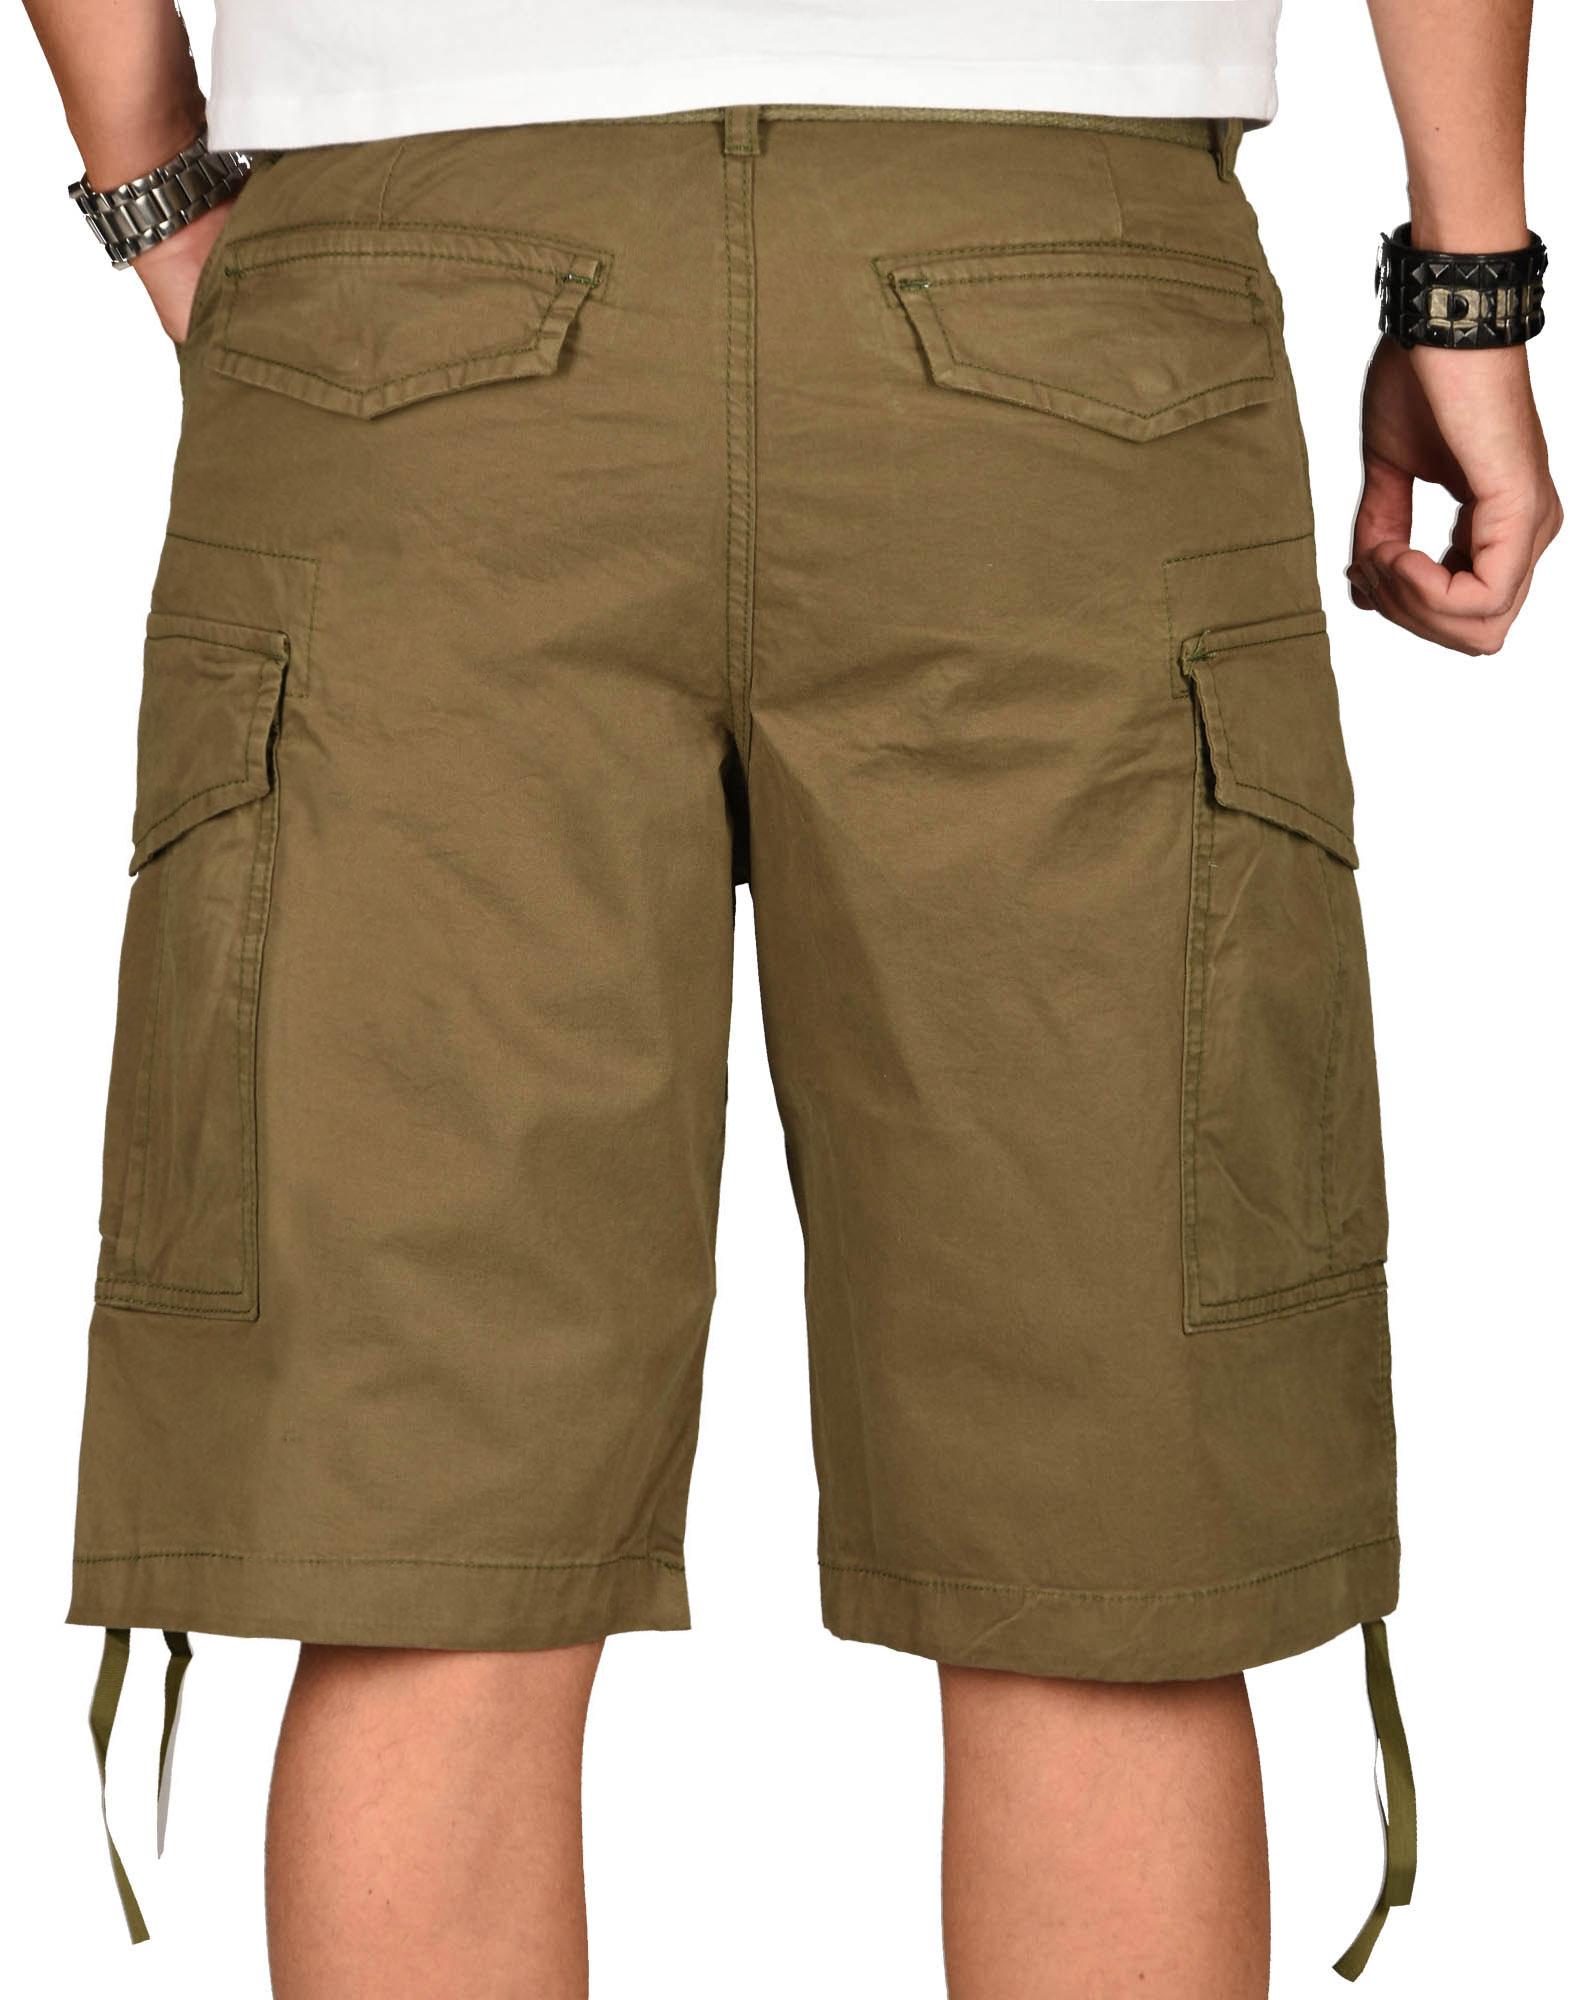 A-Salvarini-Herren-Comfort-Cargo-Shorts-Cargoshorts-kurze-Hose-Guertel-AS133-NEU Indexbild 25